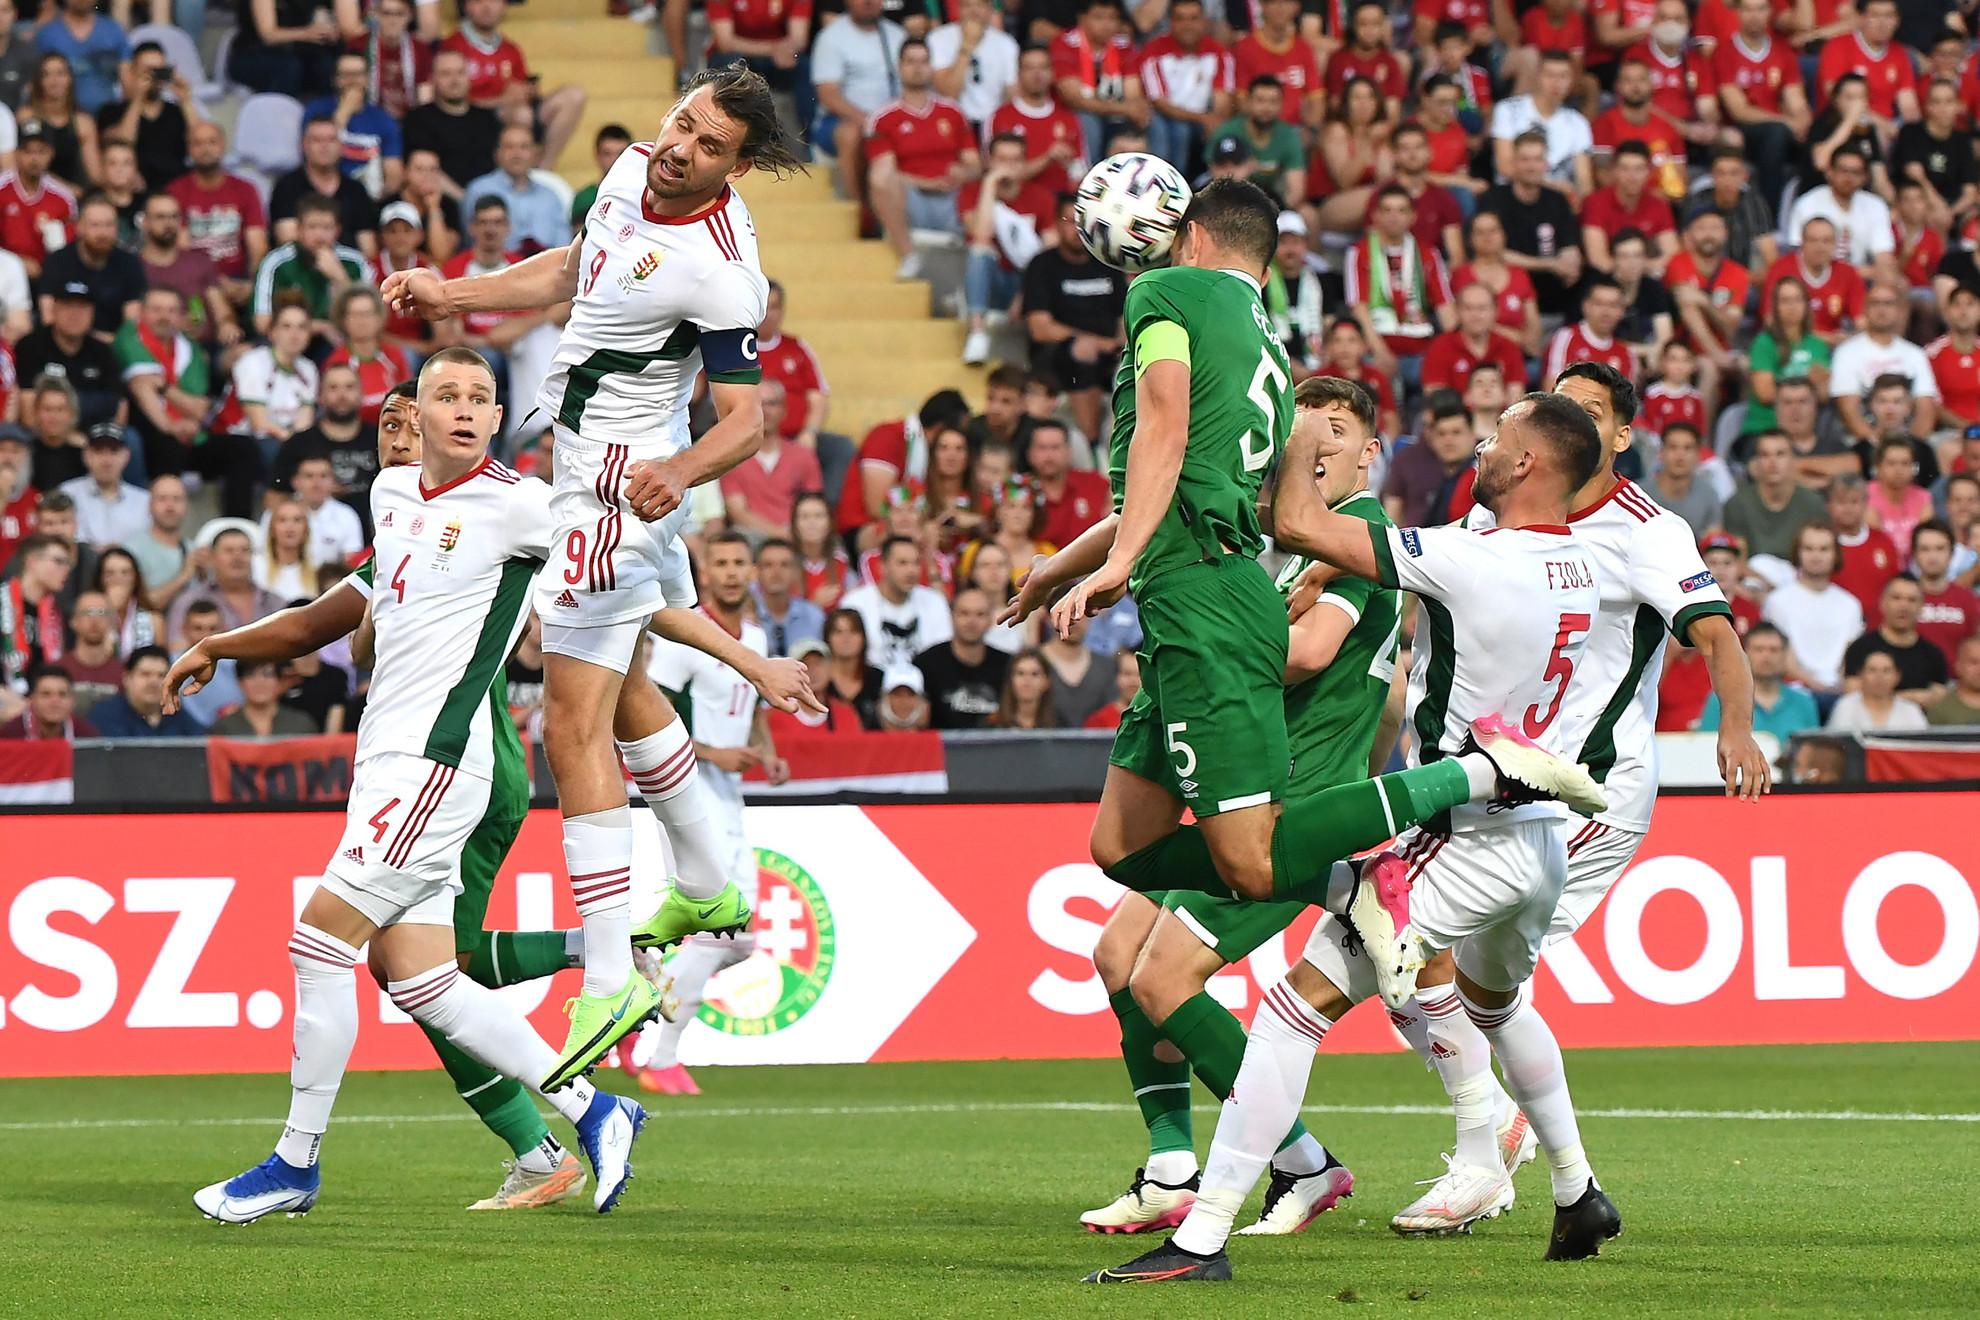 Szalai Ádám, a magyar és John Egan, az ír válogatott játékosa a Magyarország - Írország barátságos labdarúgó-mérkőzésen Budapesten, a Szusza Ferenc Stadionban 2021. június 8-án